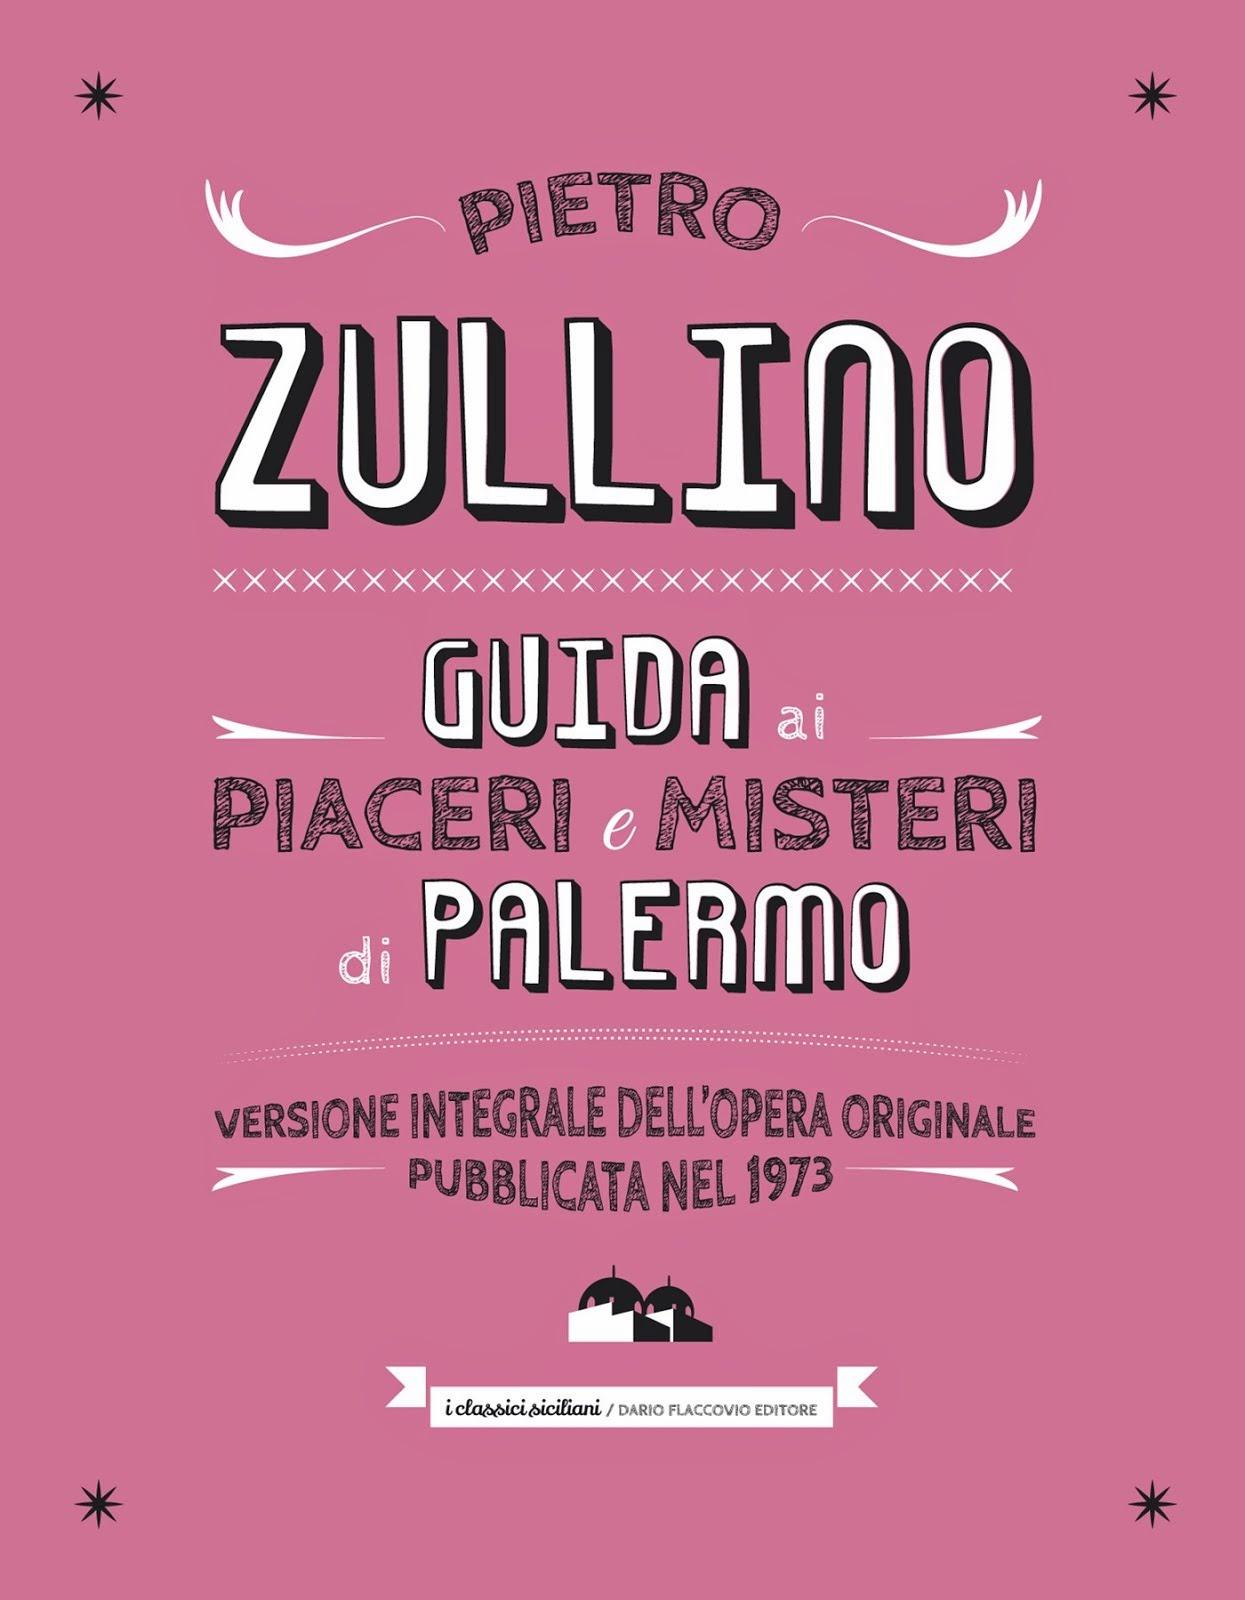 """P. Zullino, """"Guida ai misteri e piaceri di Palermo"""", 1973-2014"""